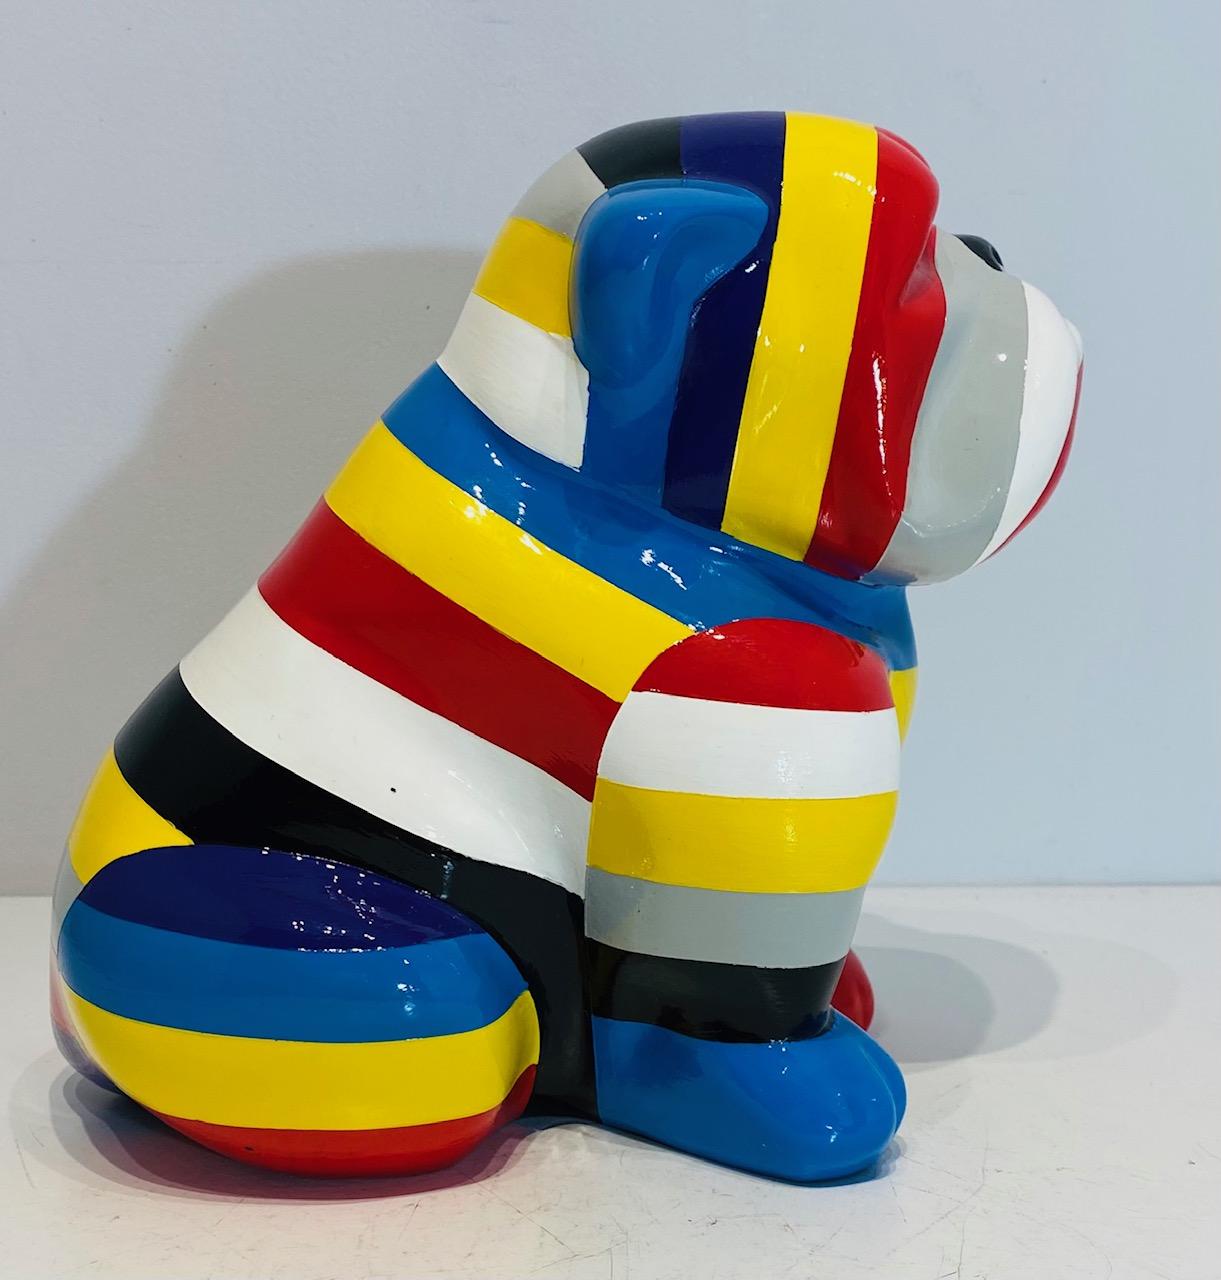 petit-bouledogue-assis-résine-rayures-multicolores